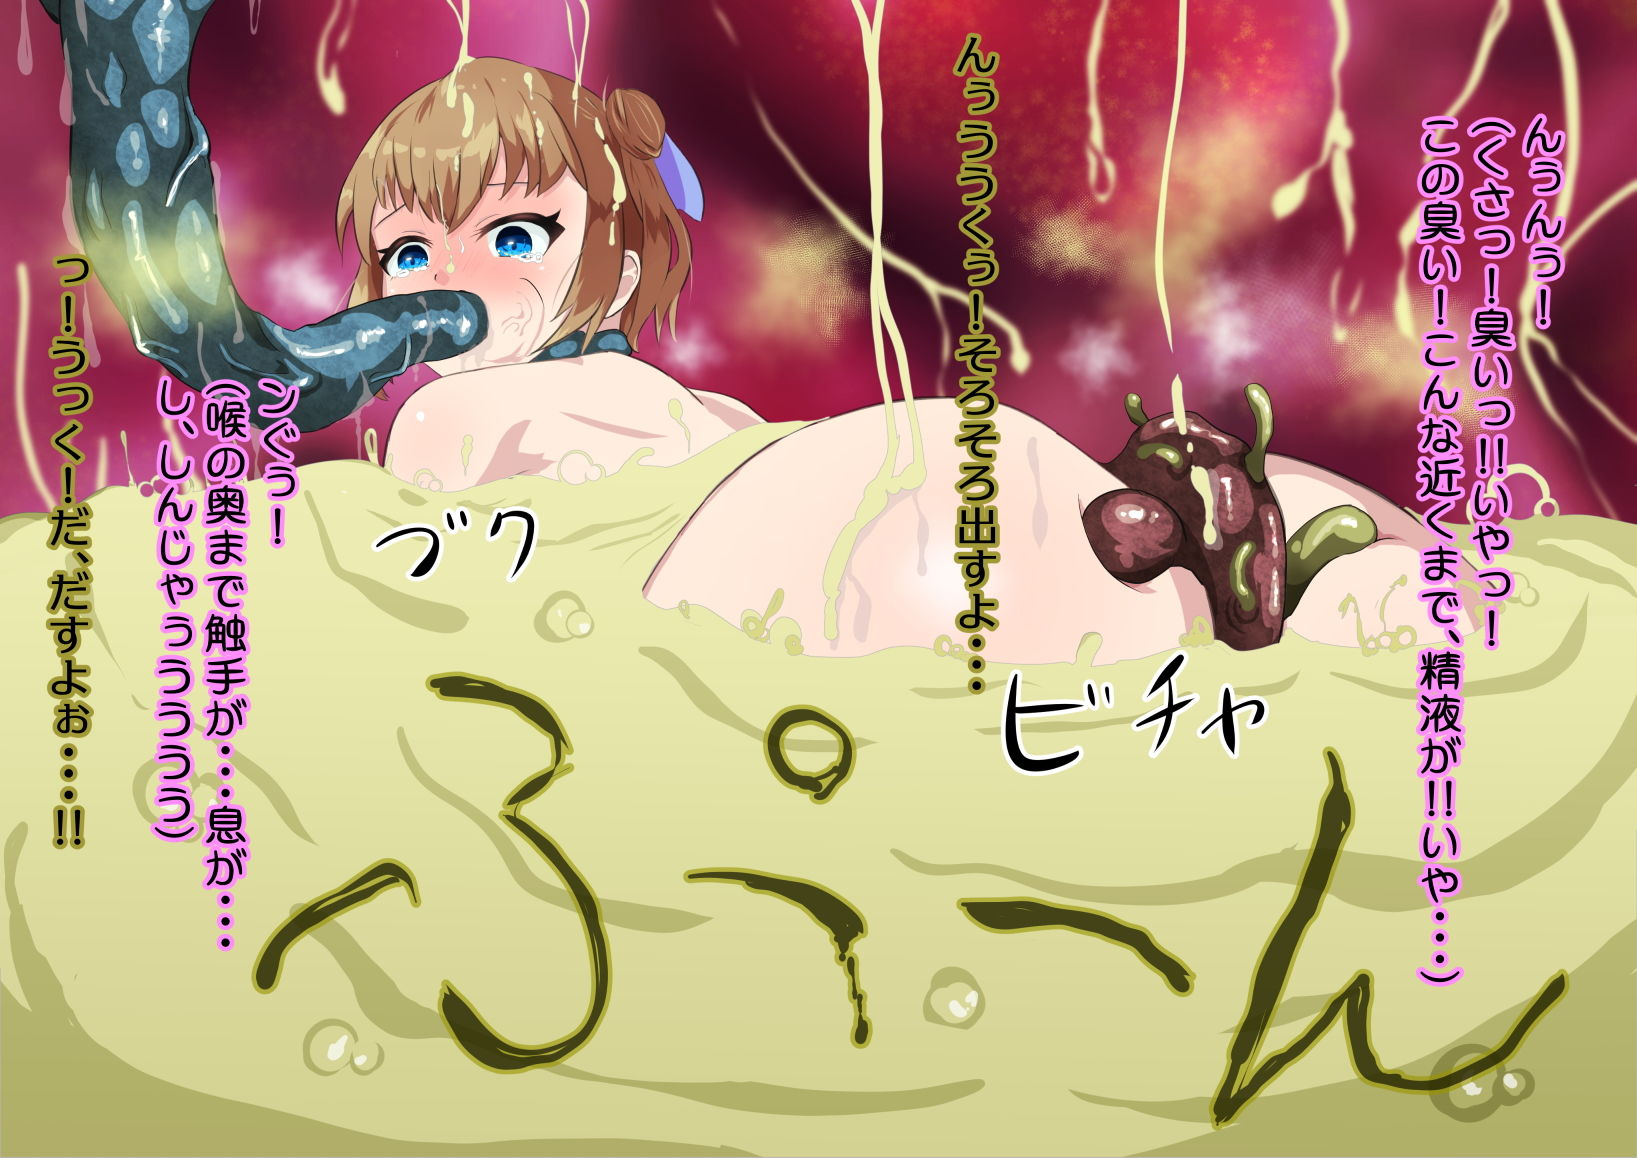 魔法剣士メーロ 臭触覚醒の章